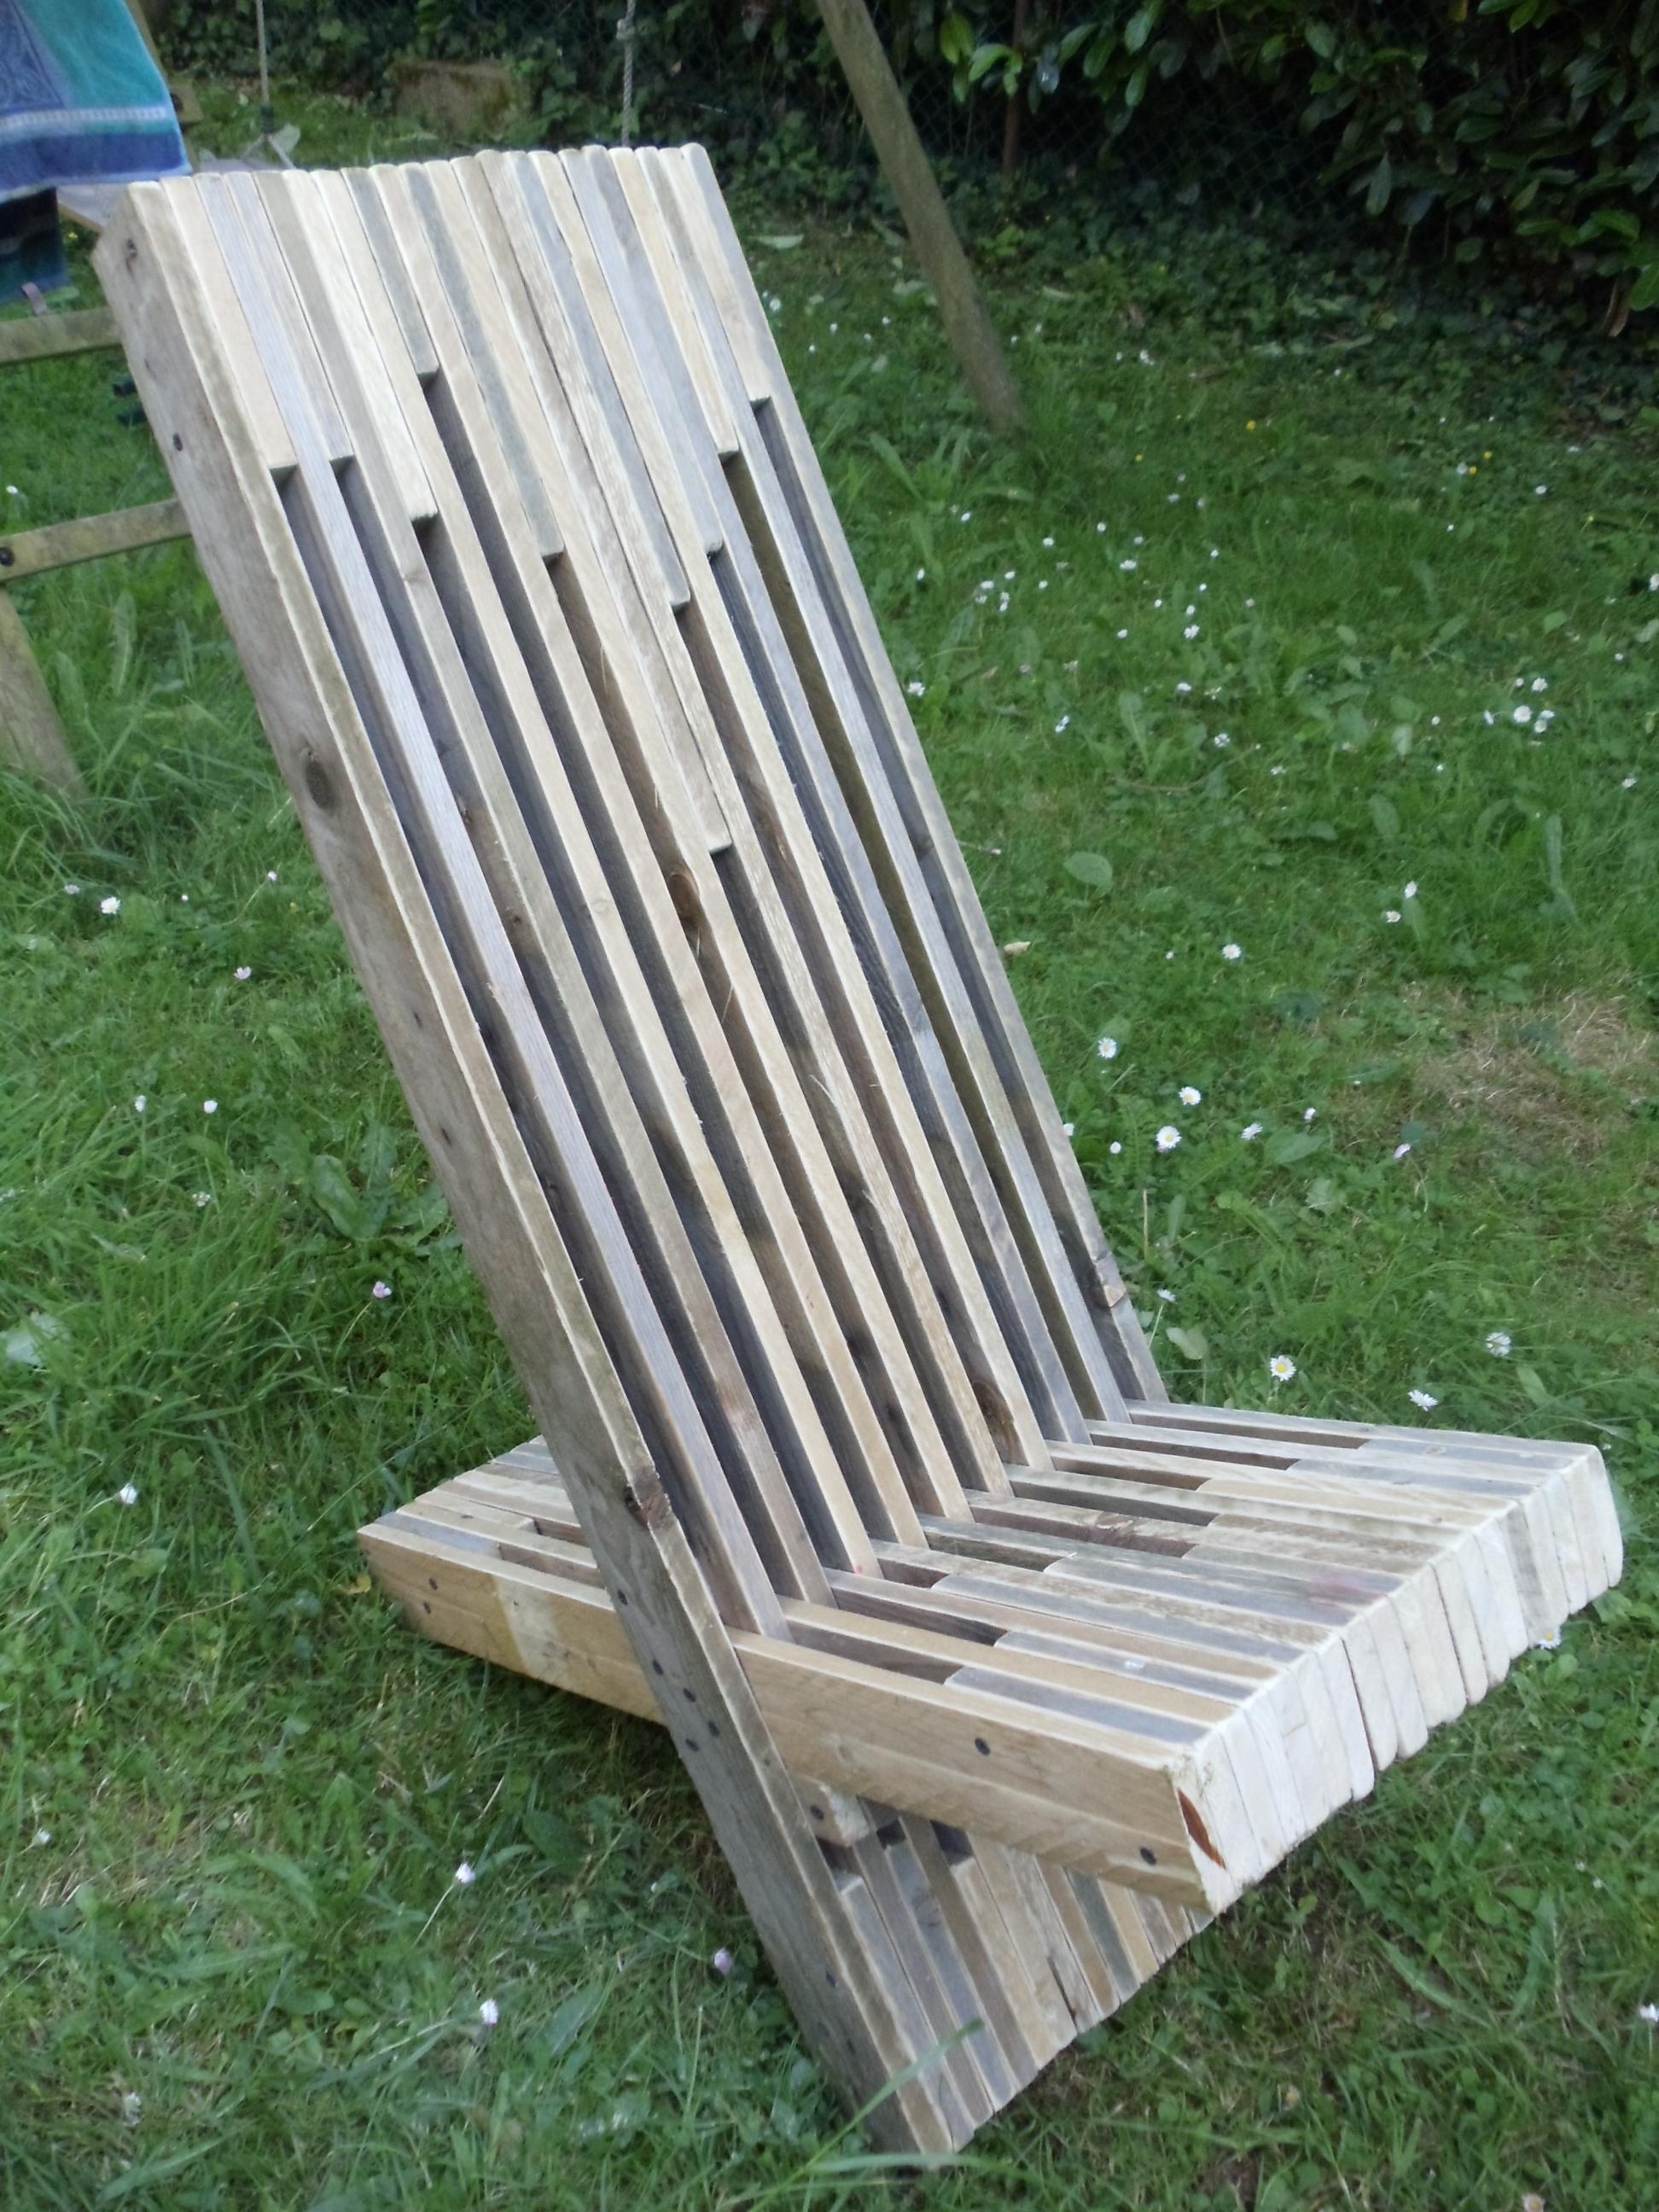 Comment fabriquer une chaise de jardin - veranda-styledevie.fr